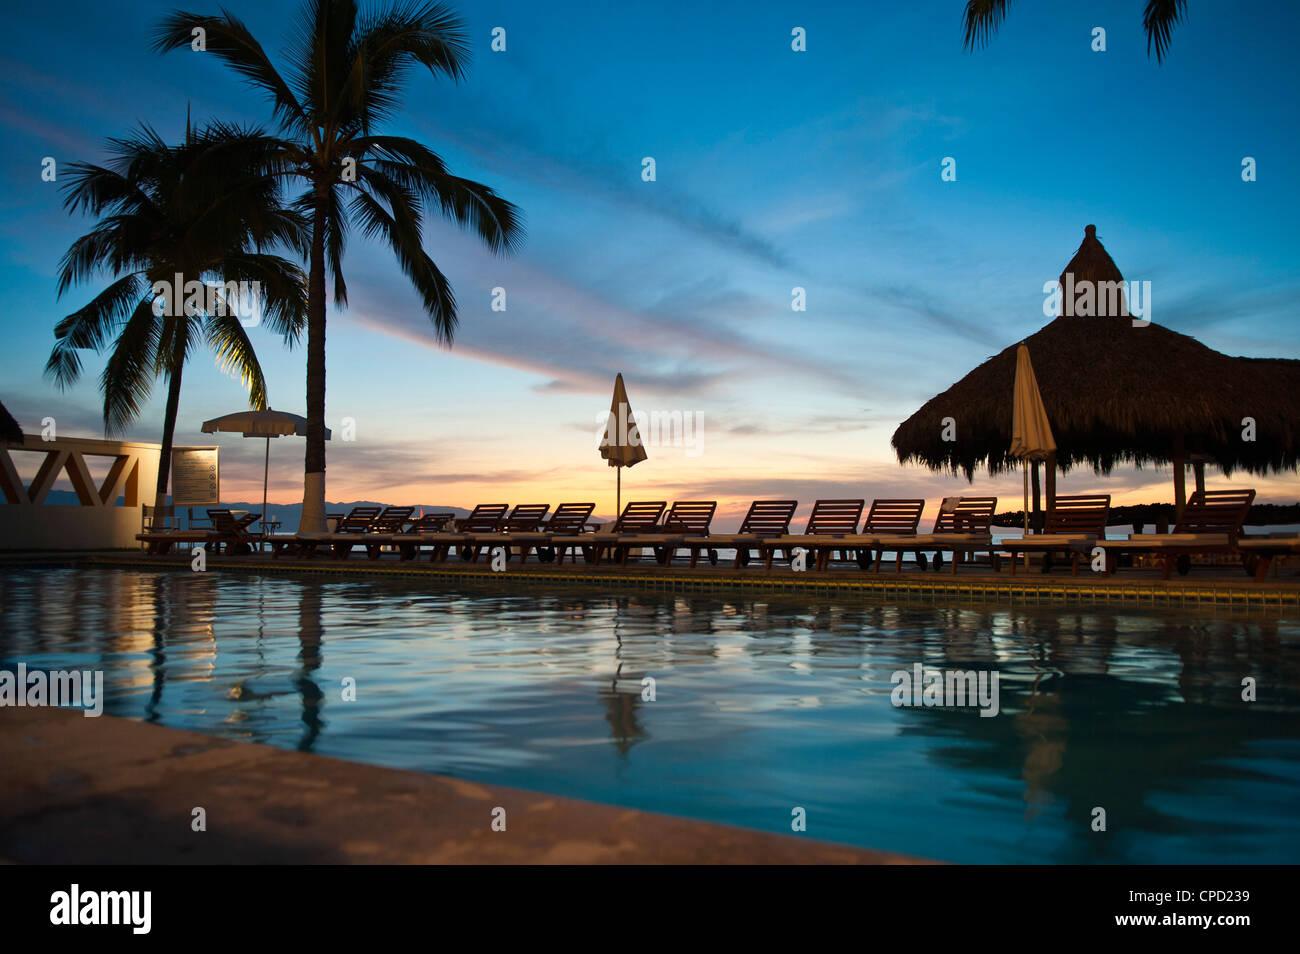 Villa Premiere Hotel and Spa, Puerto Vallarta, Jalisco, Mexico, North America - Stock Image